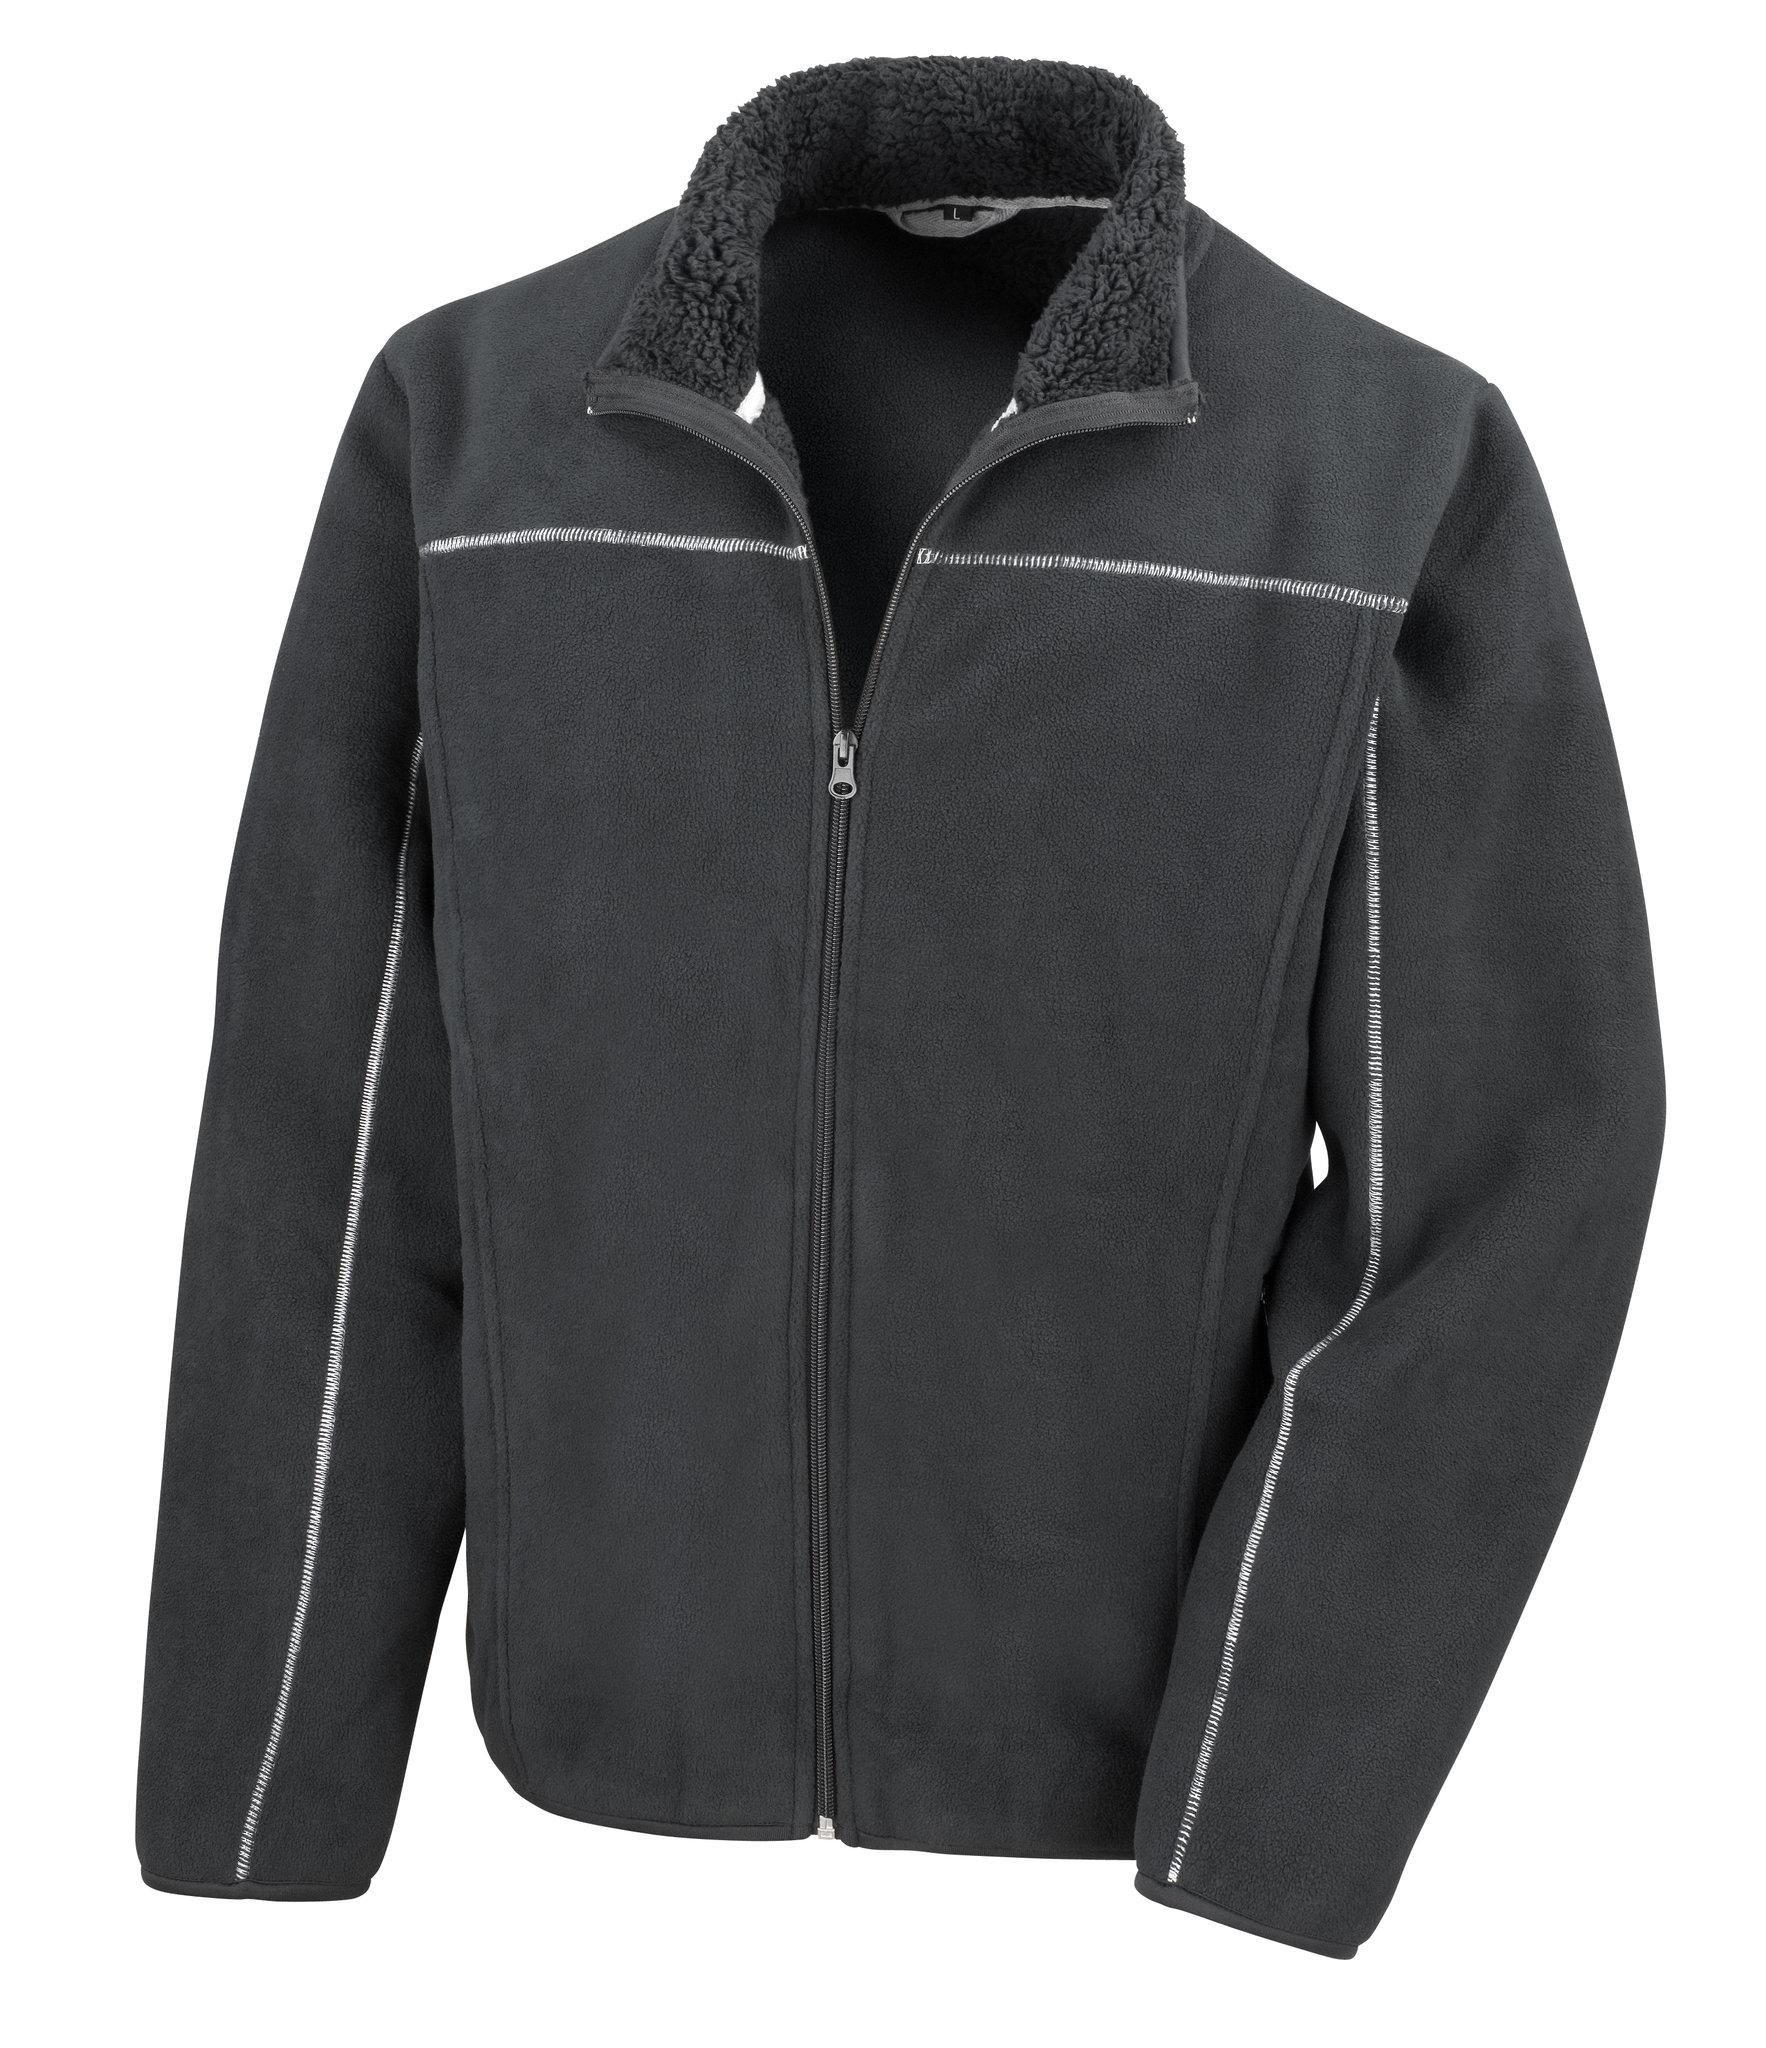 Veste polaire promotionnelle Huggy noire - veste polaire publicitaire